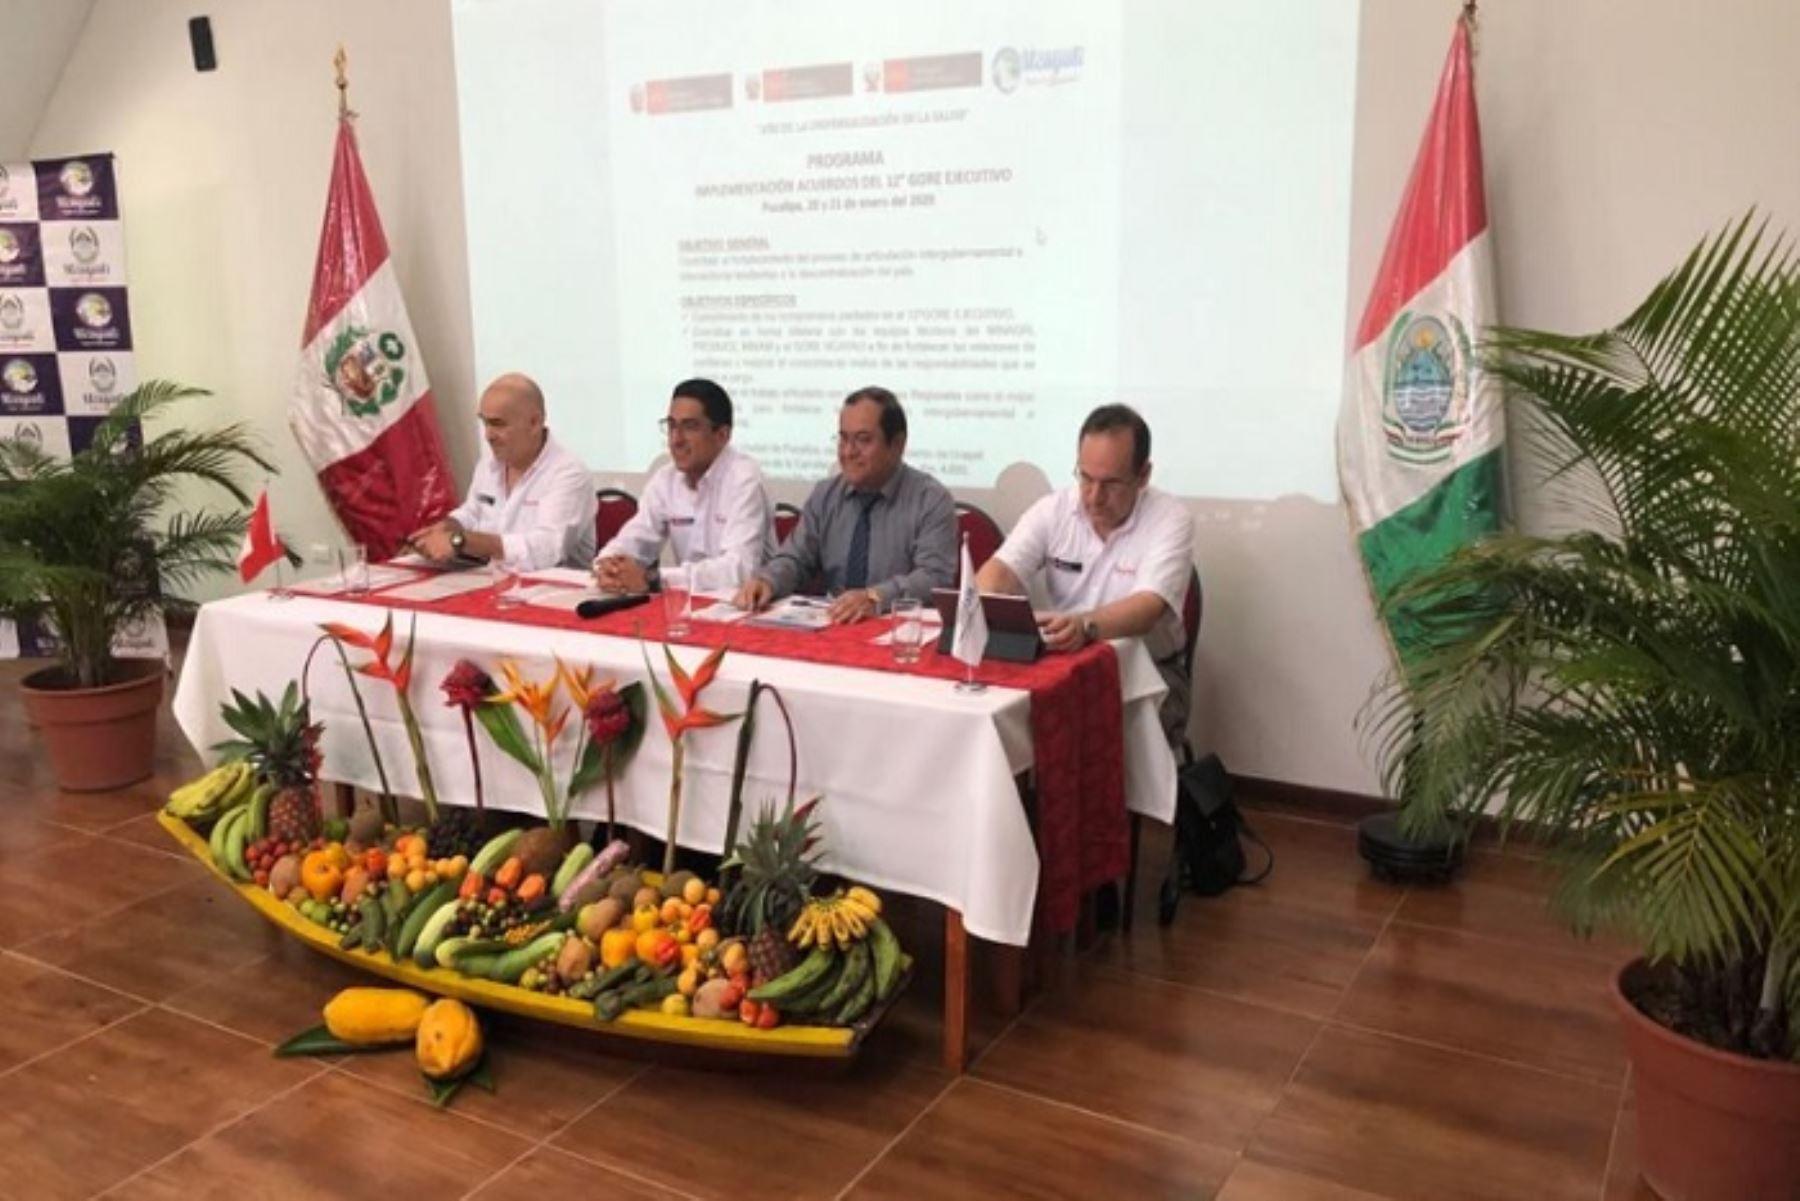 El viceministro de Desarrollo e Infraestructura Agraria y Riego (DIAR), Carlos Ynga, se reunió con autoridades y funcionarios del Gobierno Regional de Ucayali, como parte de los compromisos adquiridos en el marco del XII Gore Ejecutivo, celebrado en Lima el mes pasado.